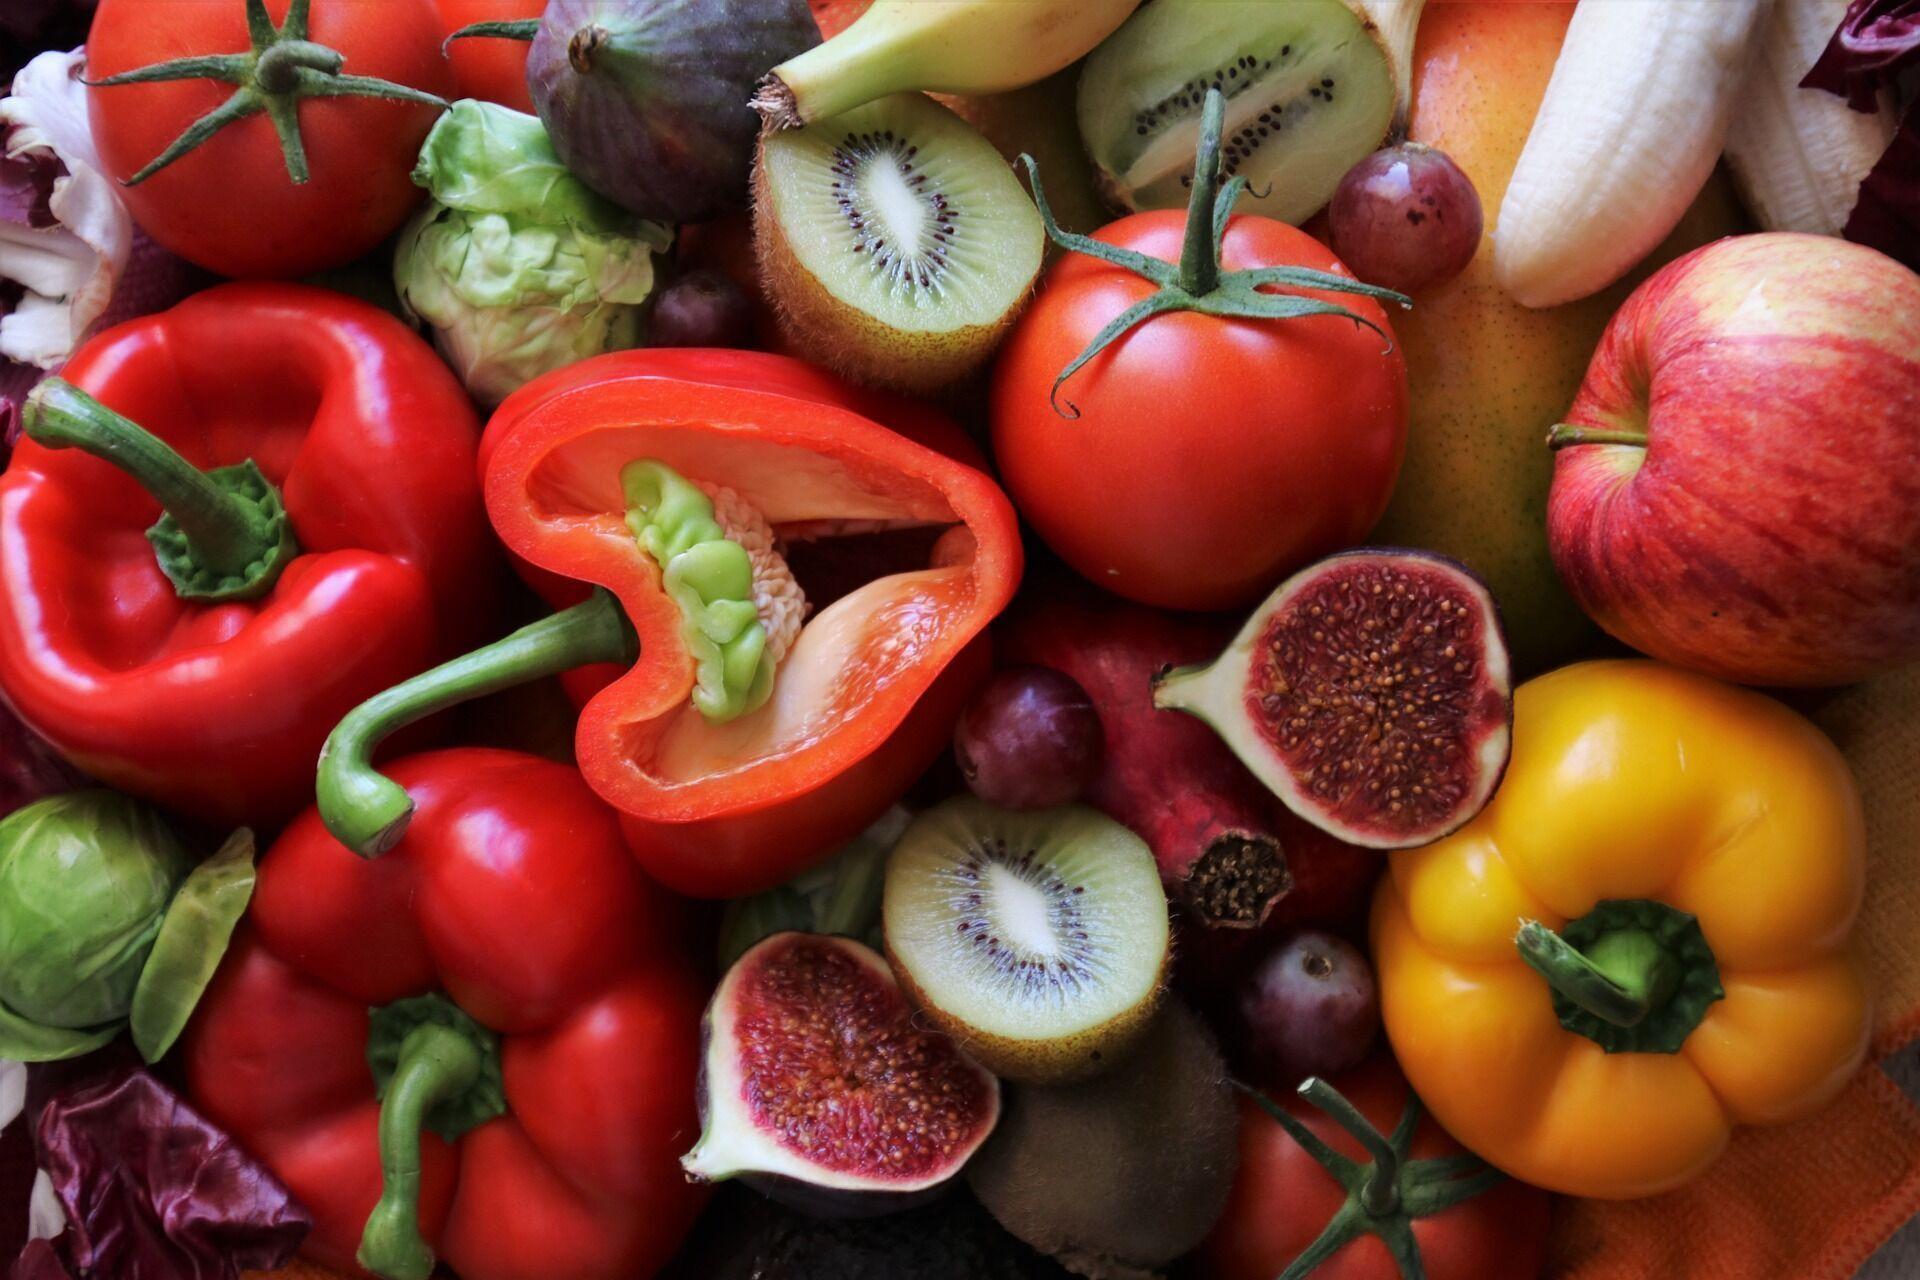 В Україні подешевшала морква, малина і вишня: озвучено ціни овочів і фруктів